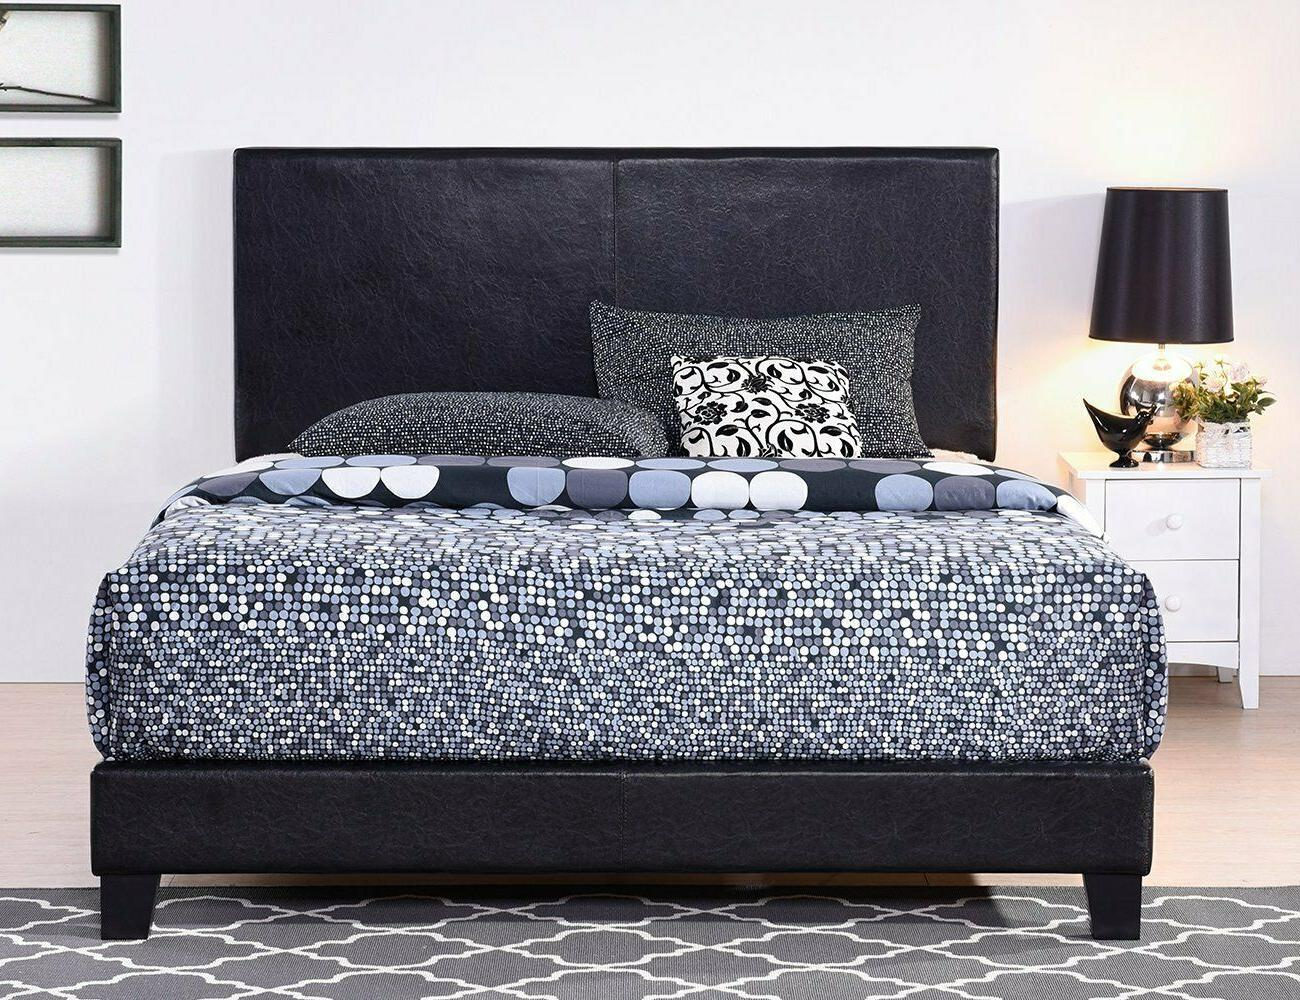 King Size Upholstered Headboard Platform Bedroom